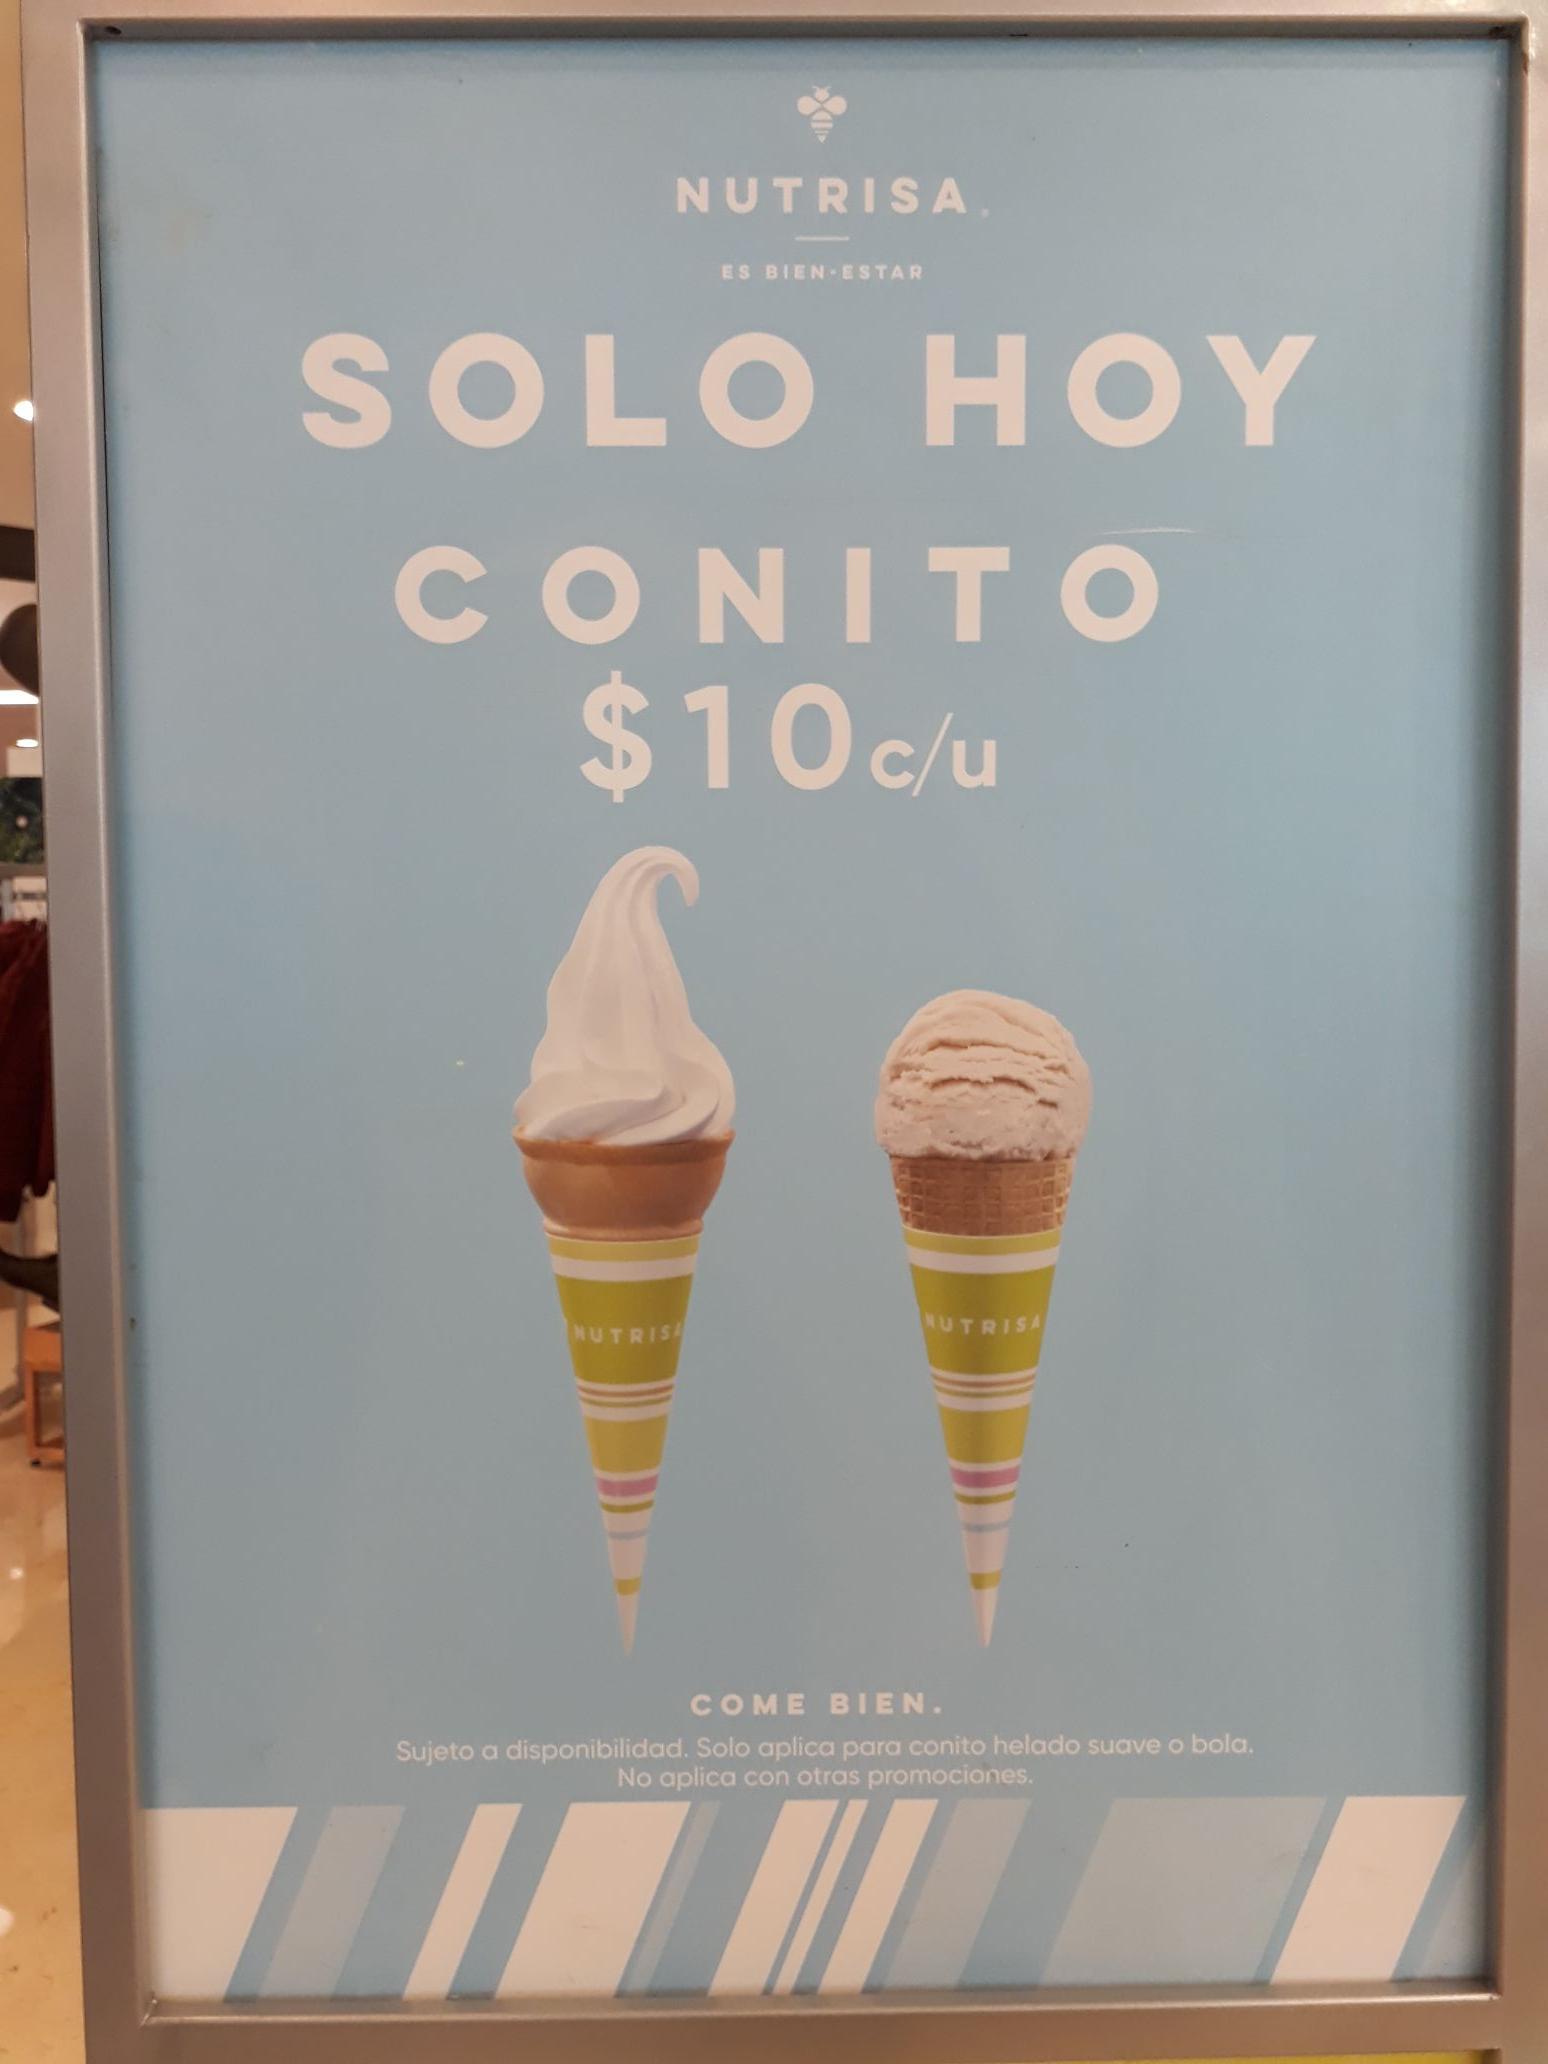 Nutrisa: Cono Sencillo a $10 pesos